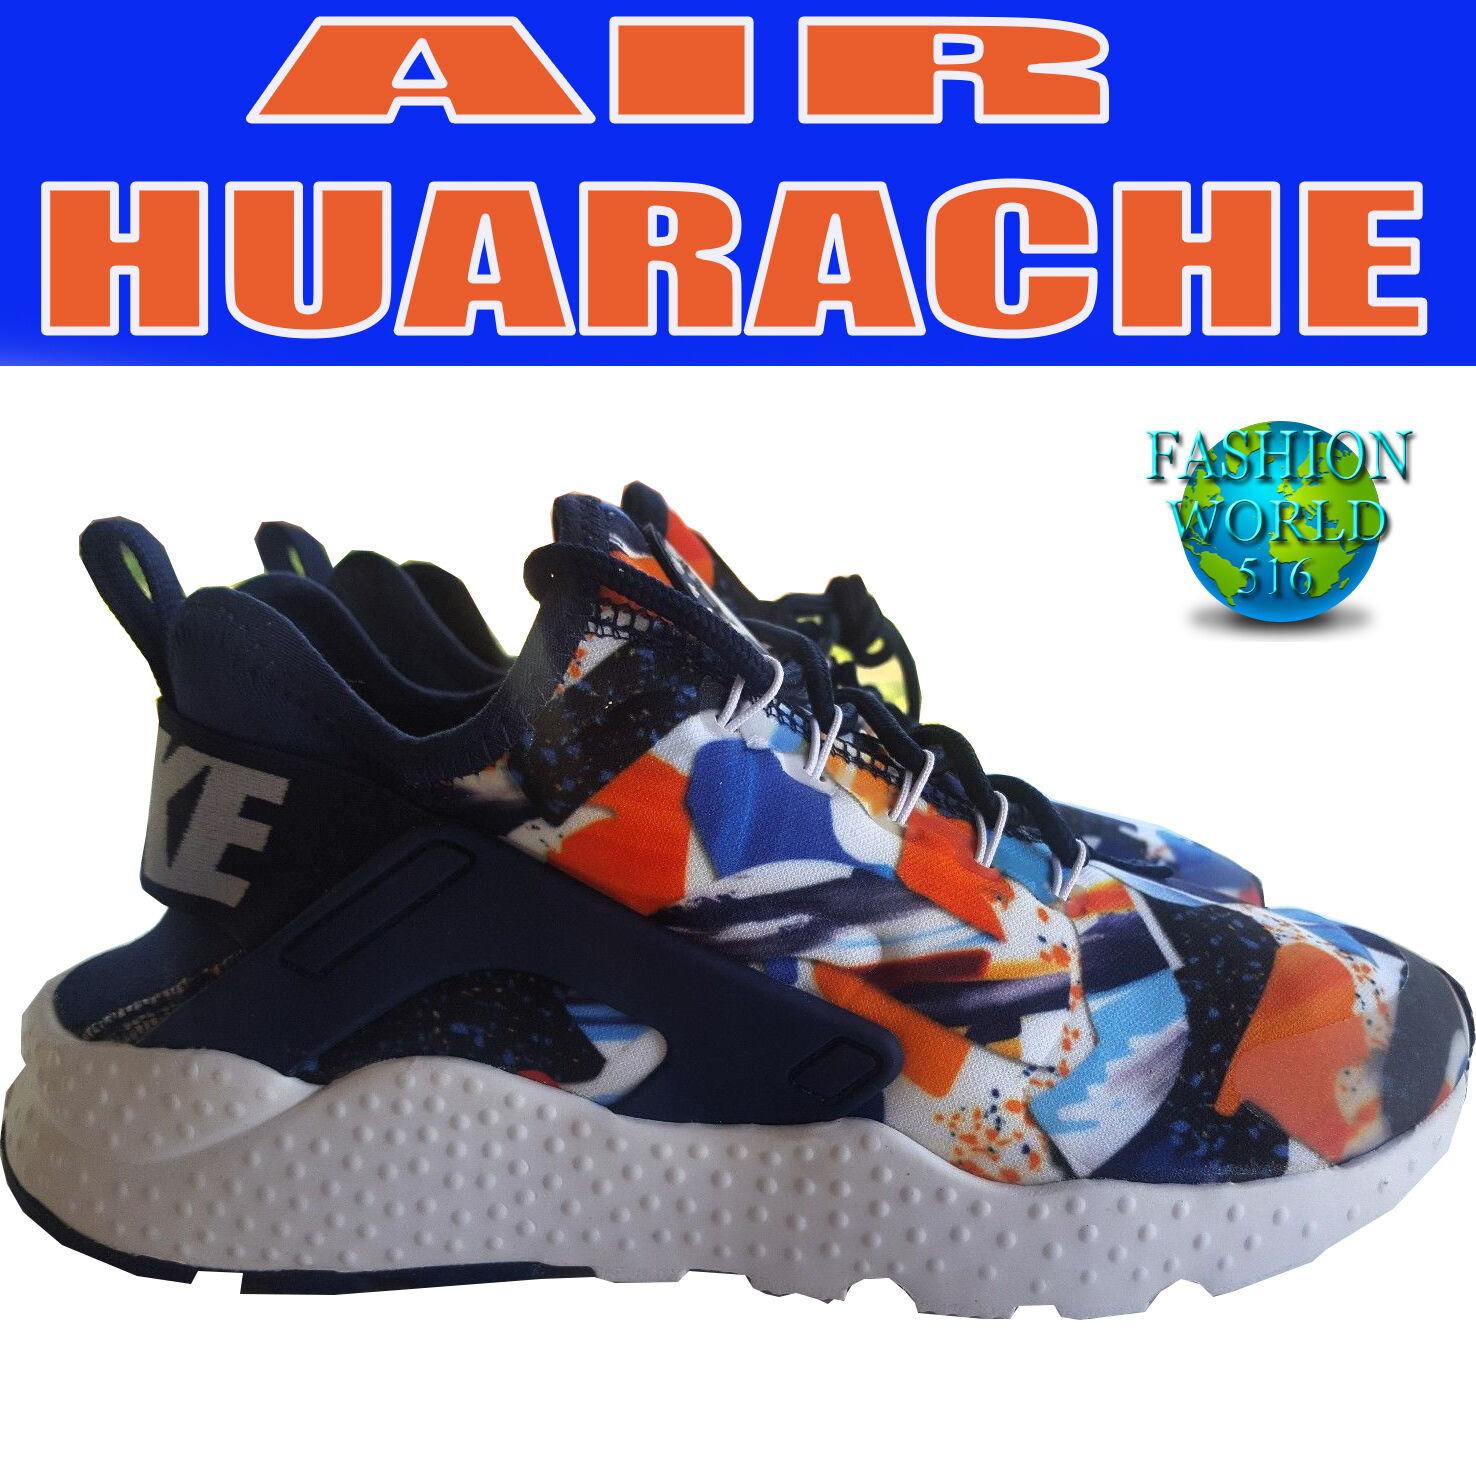 Le dimensioni della nike 7 aria huarache correre ultra impronta blu / bianco / arancio 844880